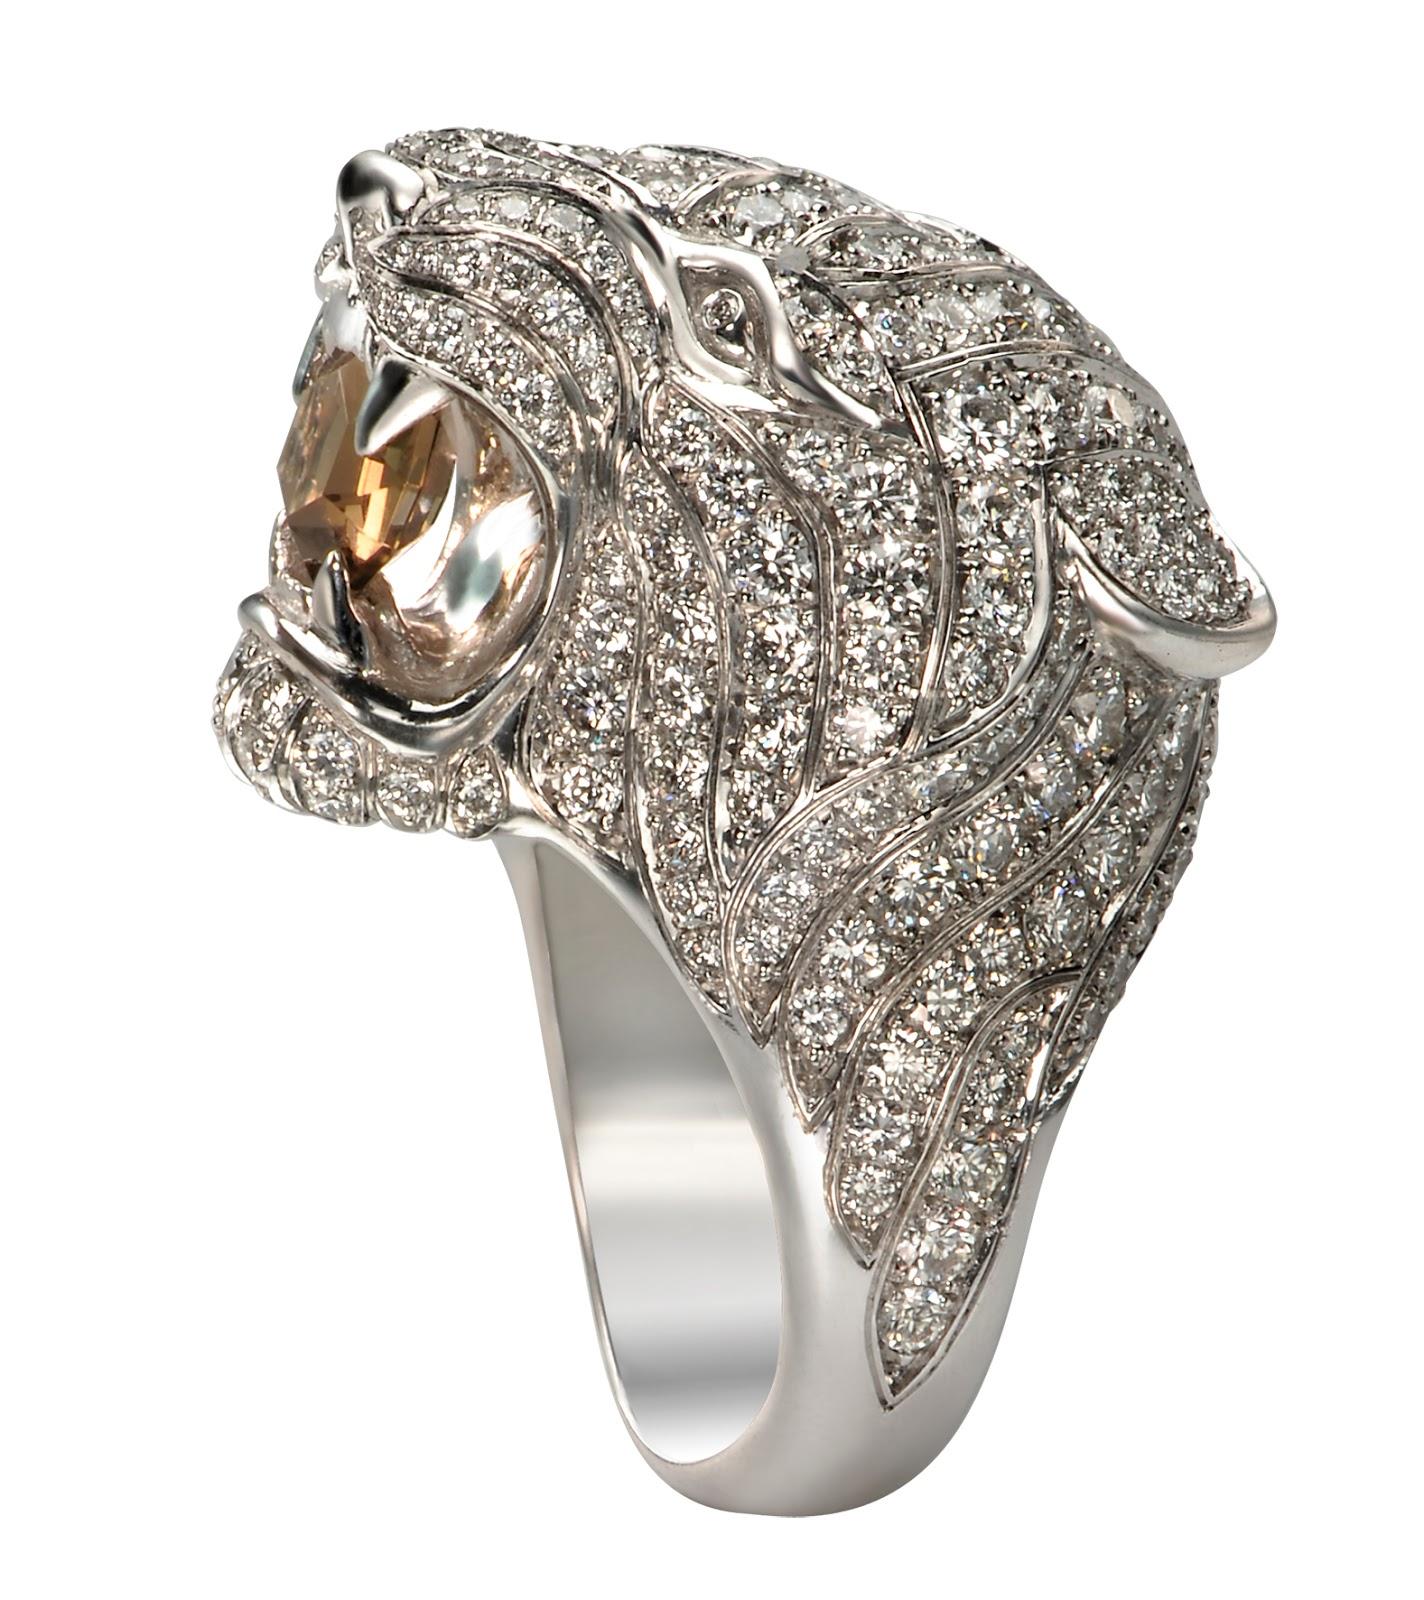 http://4.bp.blogspot.com/-aJj-8N4vhMk/ToJBwLQwzOI/AAAAAAAAAKE/L7xam5eJulA/s1600/Tiger+ring+in+white+gold%252C+diamonds+and+smoked+quartz.jpg_rgb.jpg